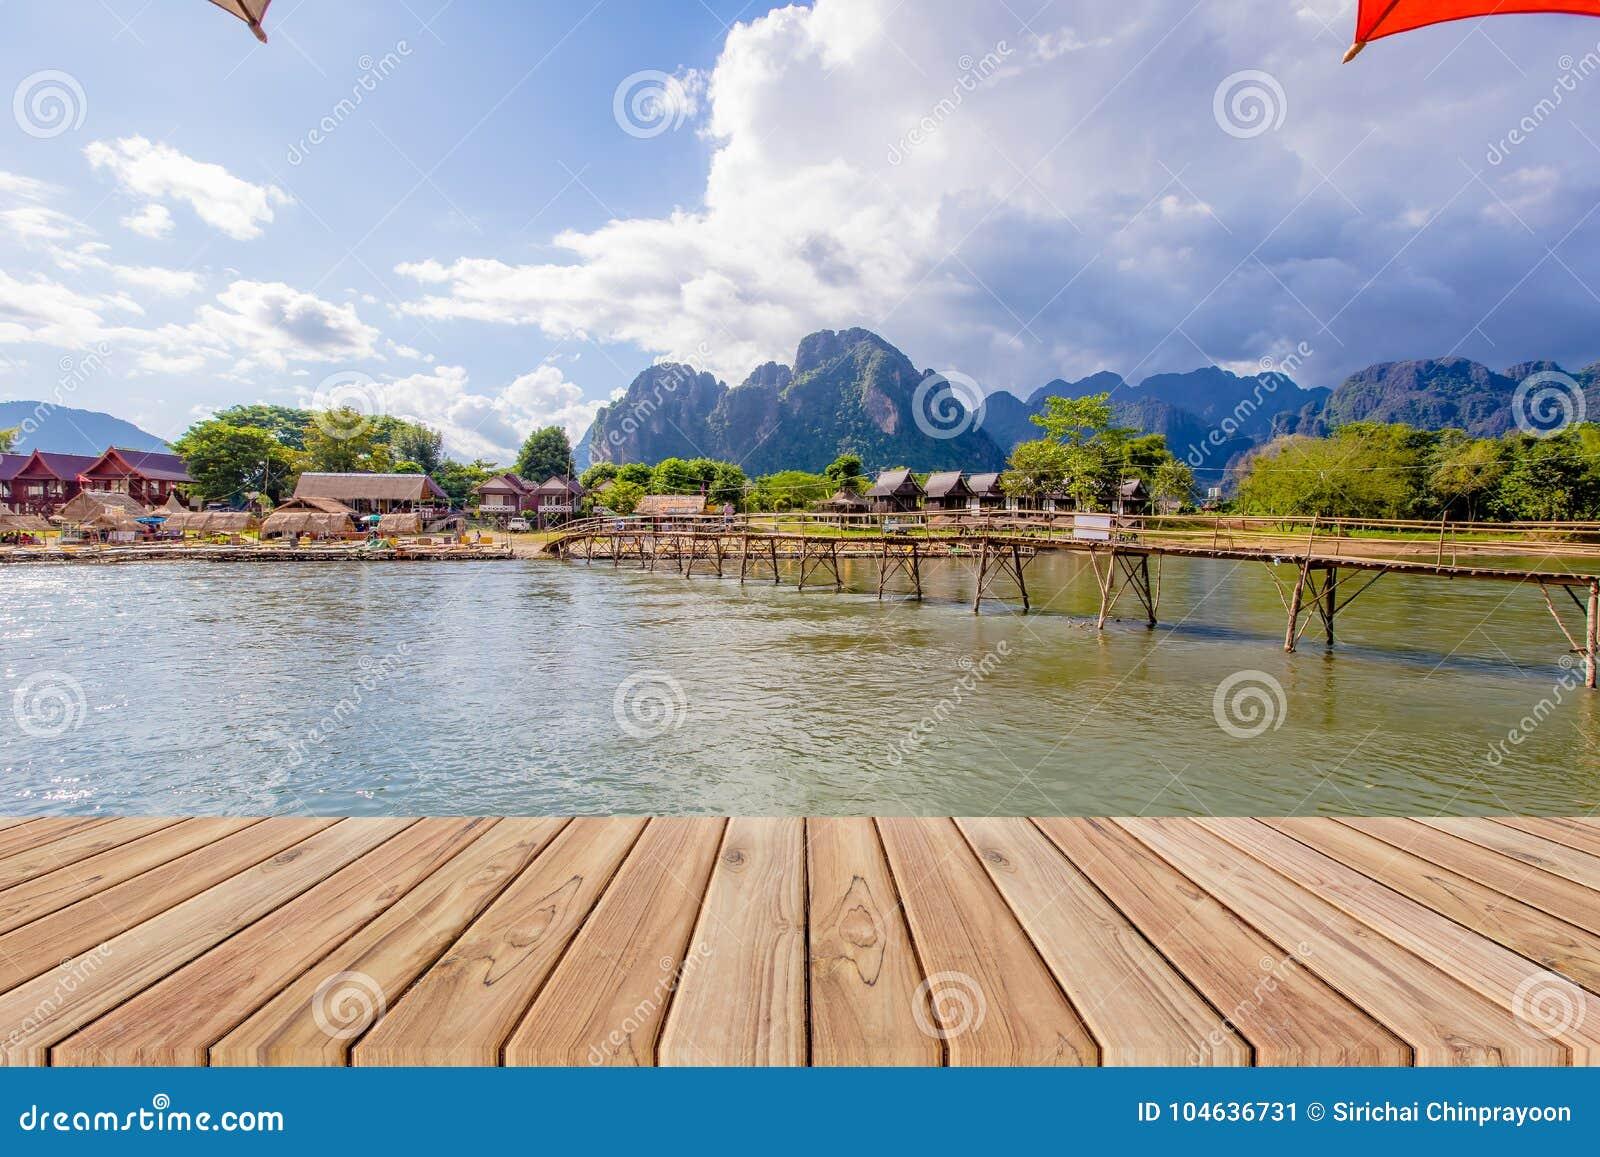 Download Houten Lijst Naast Nam Song-rivier In Vang Vieng Stock Afbeelding - Afbeelding bestaande uit brug, landelijk: 104636731